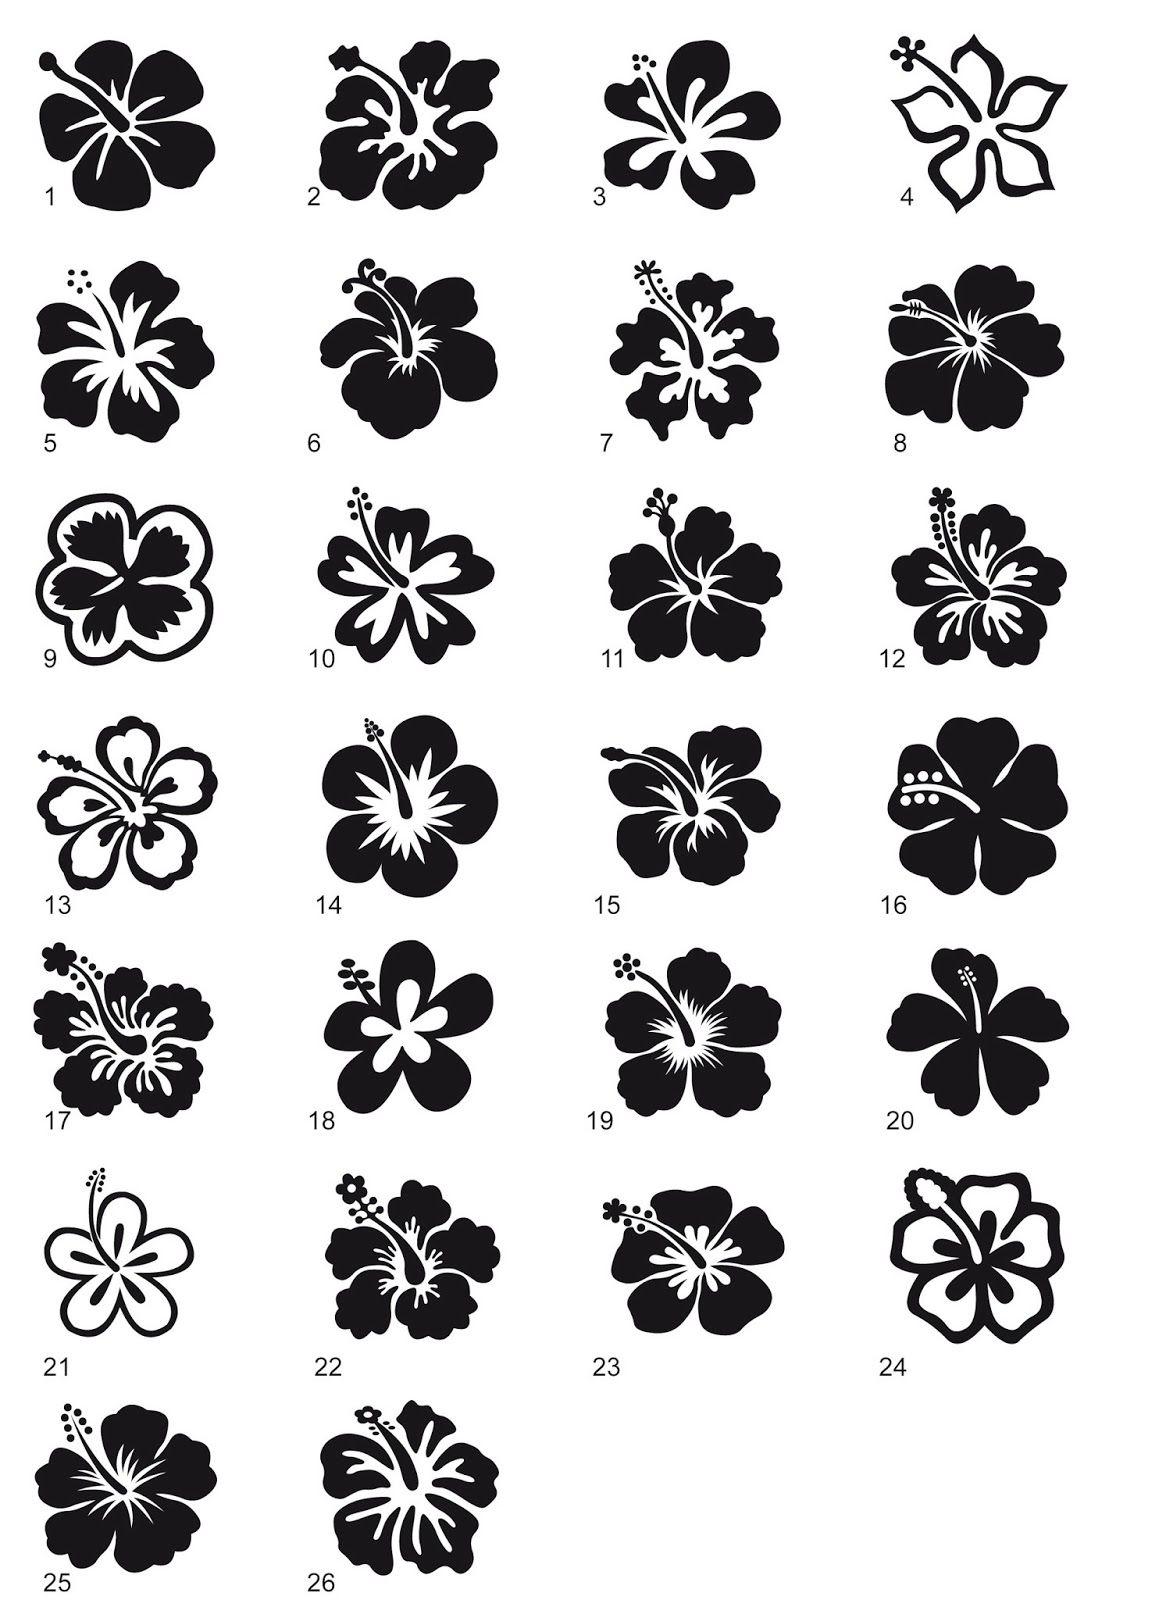 Hibiscus Flower Tattoo Stencil: Lotus Flower Tattoo Stencils